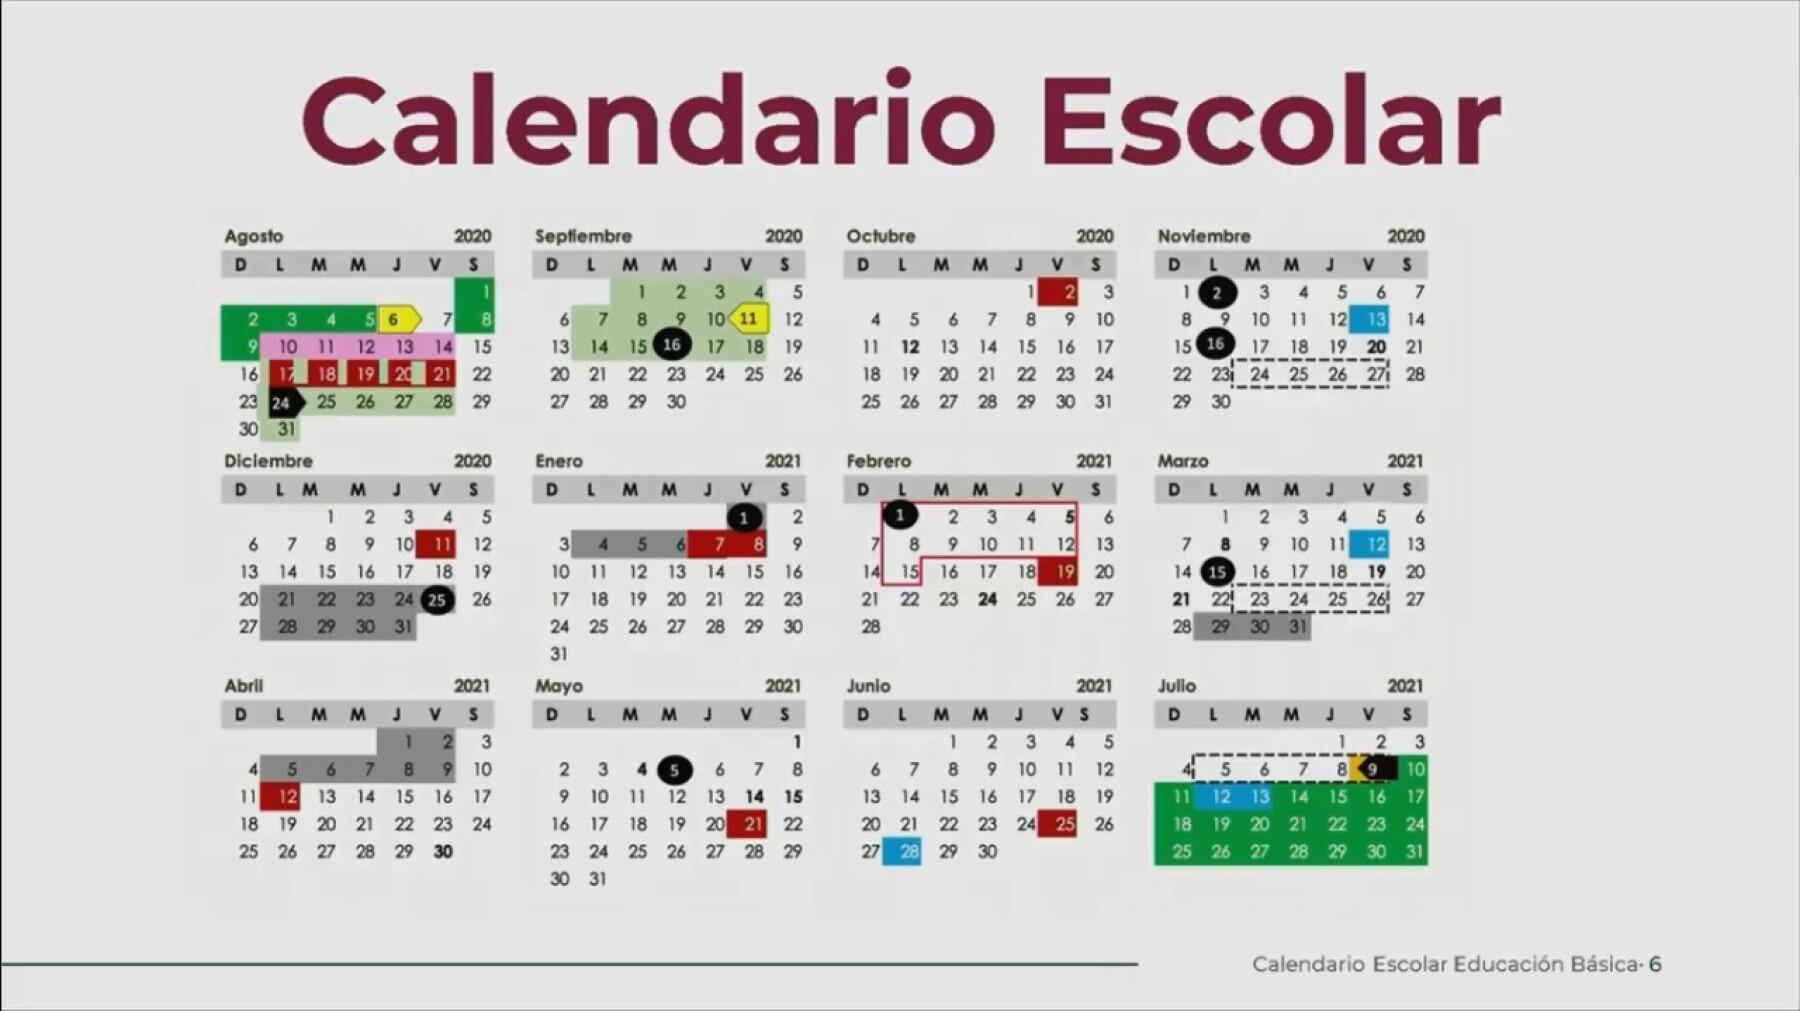 Ciclo escolar 2020 2021: el calendario tendrá 190 días efectivos